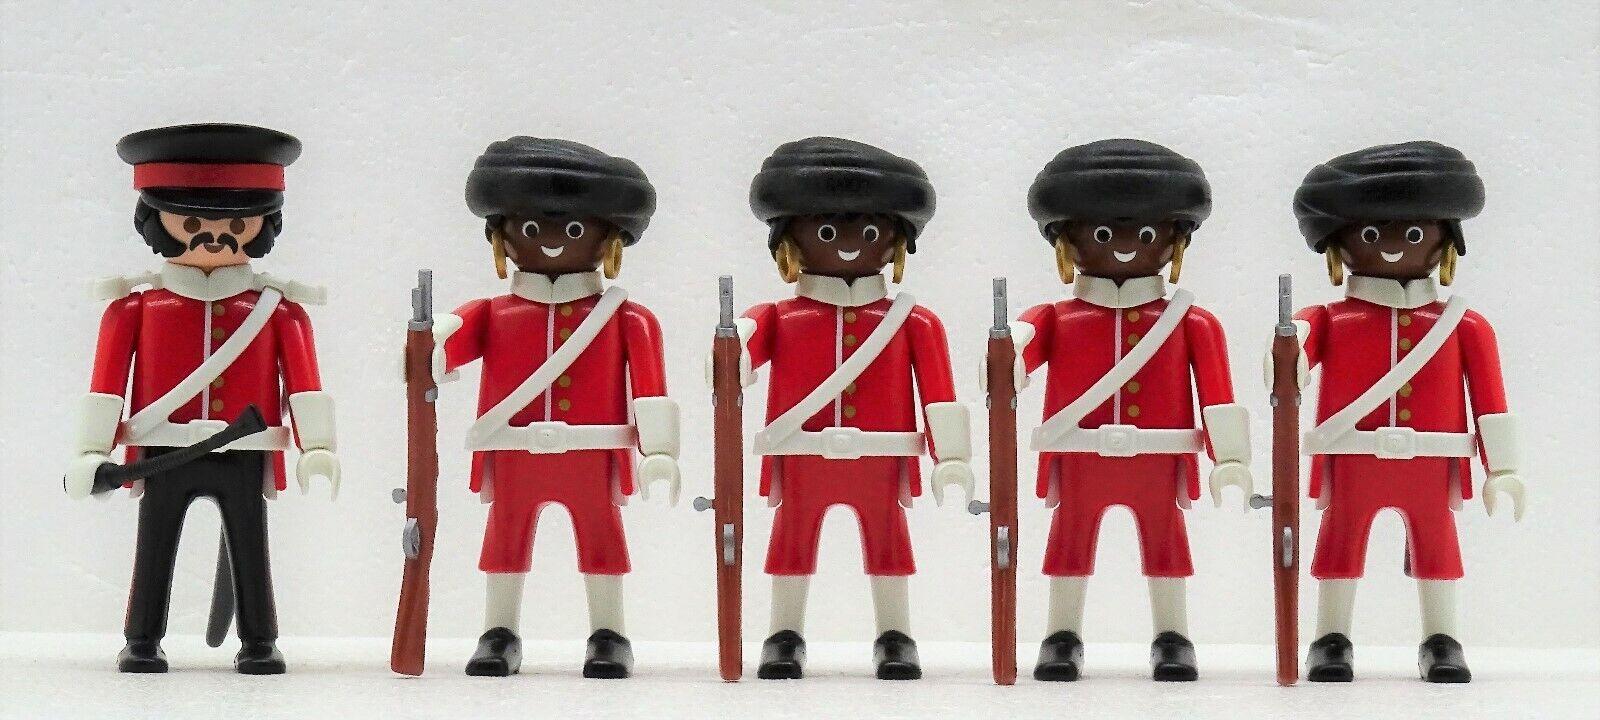 Royal Guard Coloniale Soldati Playmobil  per 4577 Askari Prossoezione Britannico  designer online